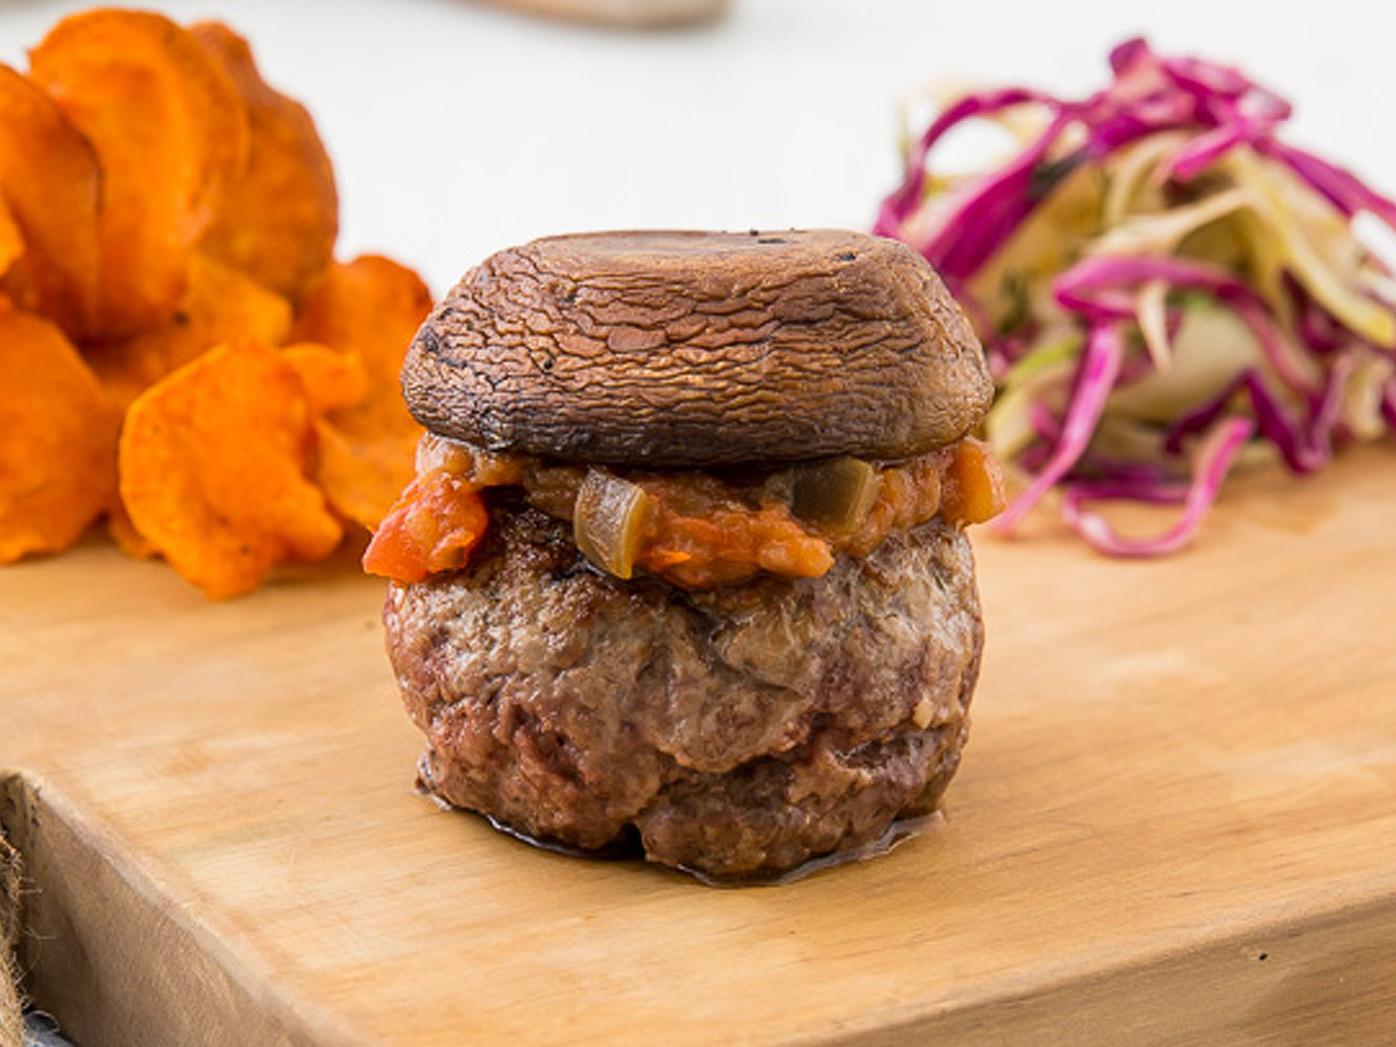 George Calombaris' bunless lamb burger